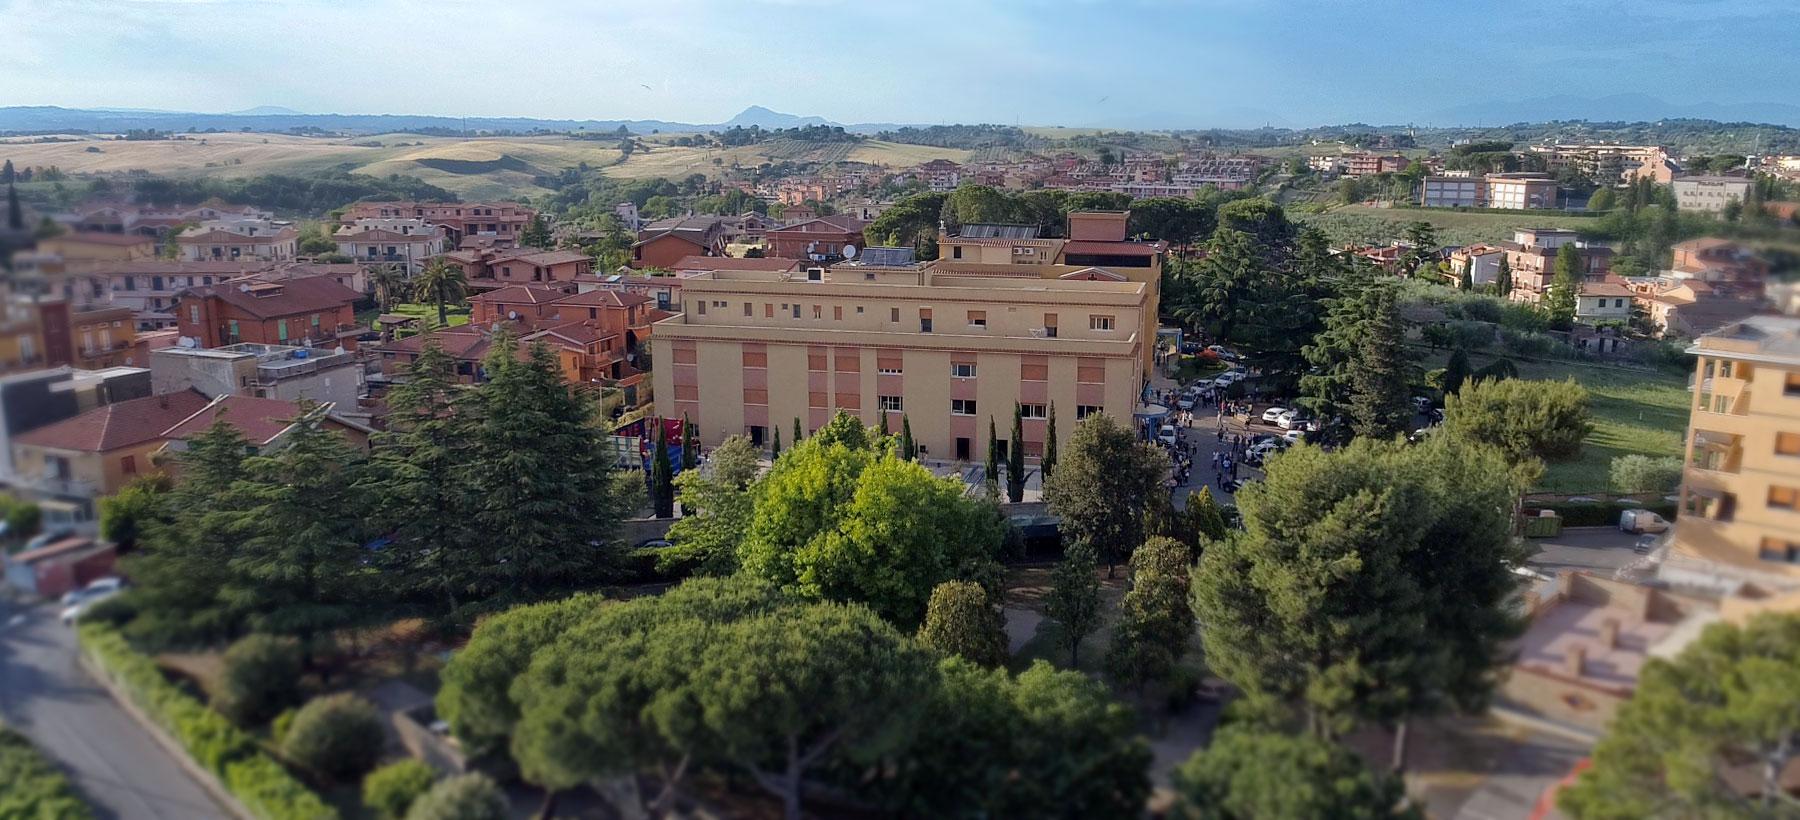 Scuola Petkovic, Fonte Nuova (aerea)